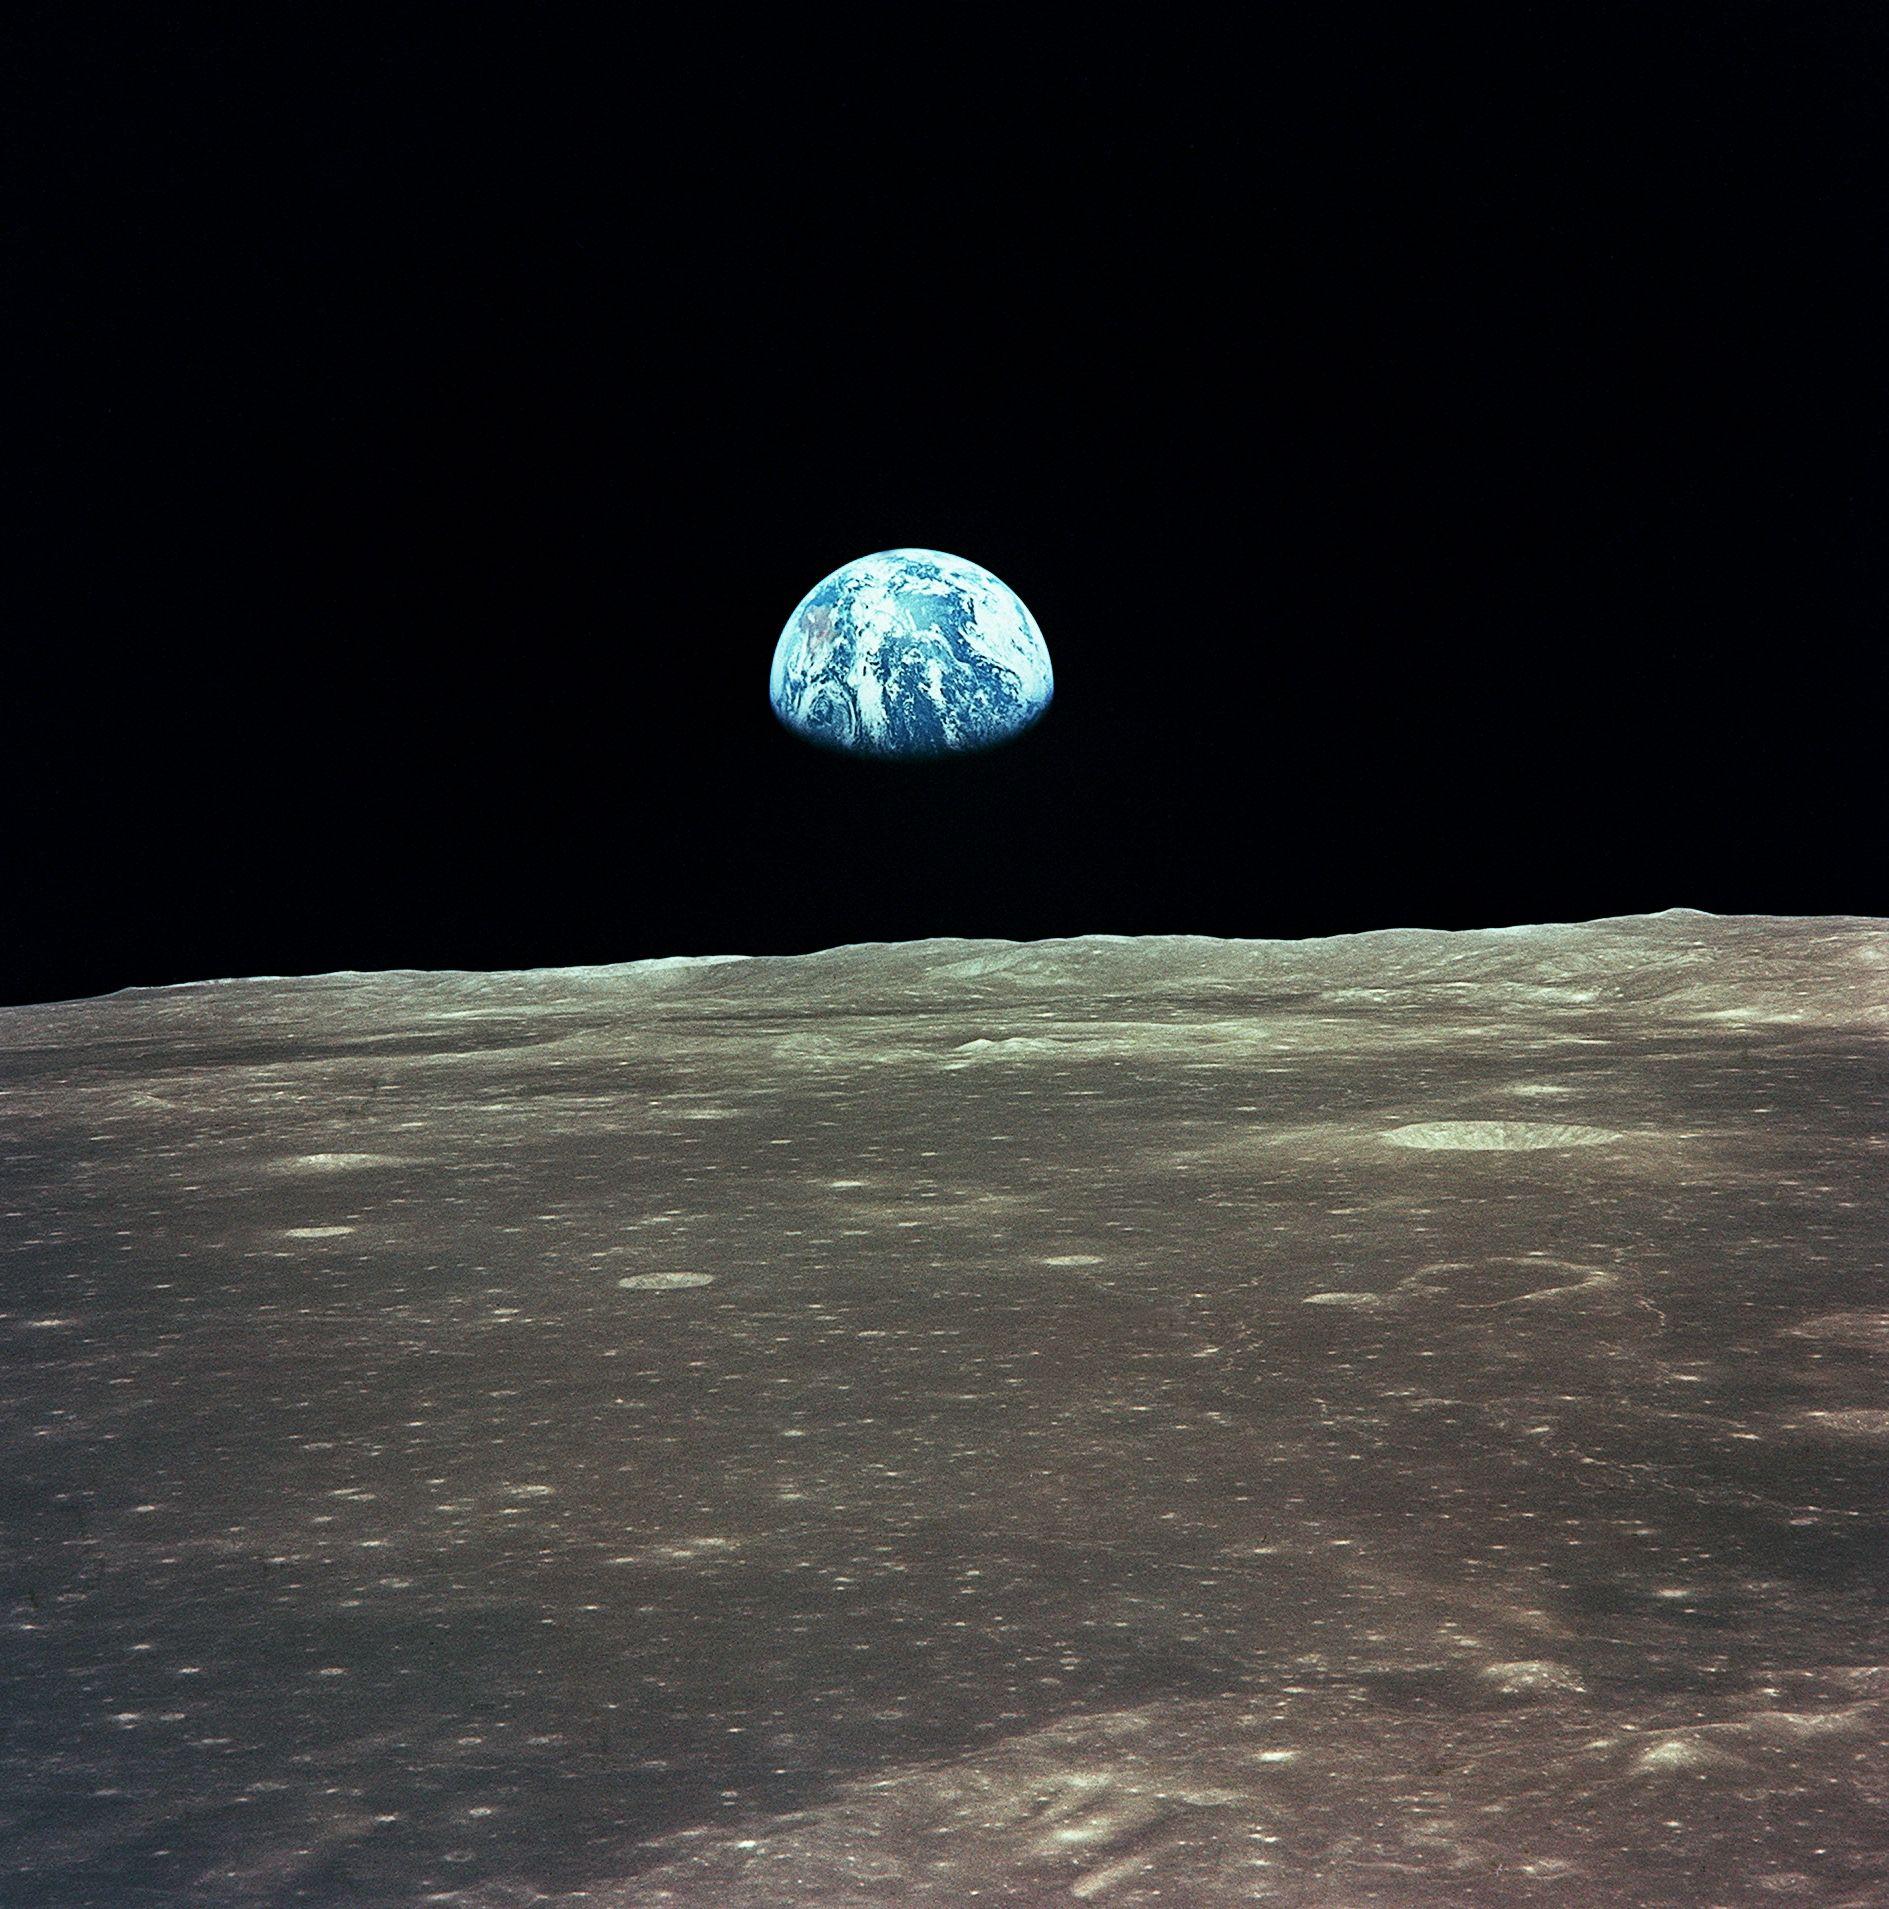 d078a8e1fb99b8b3419fd0f90700f991 - How Long To Get To The Moon Apollo 11